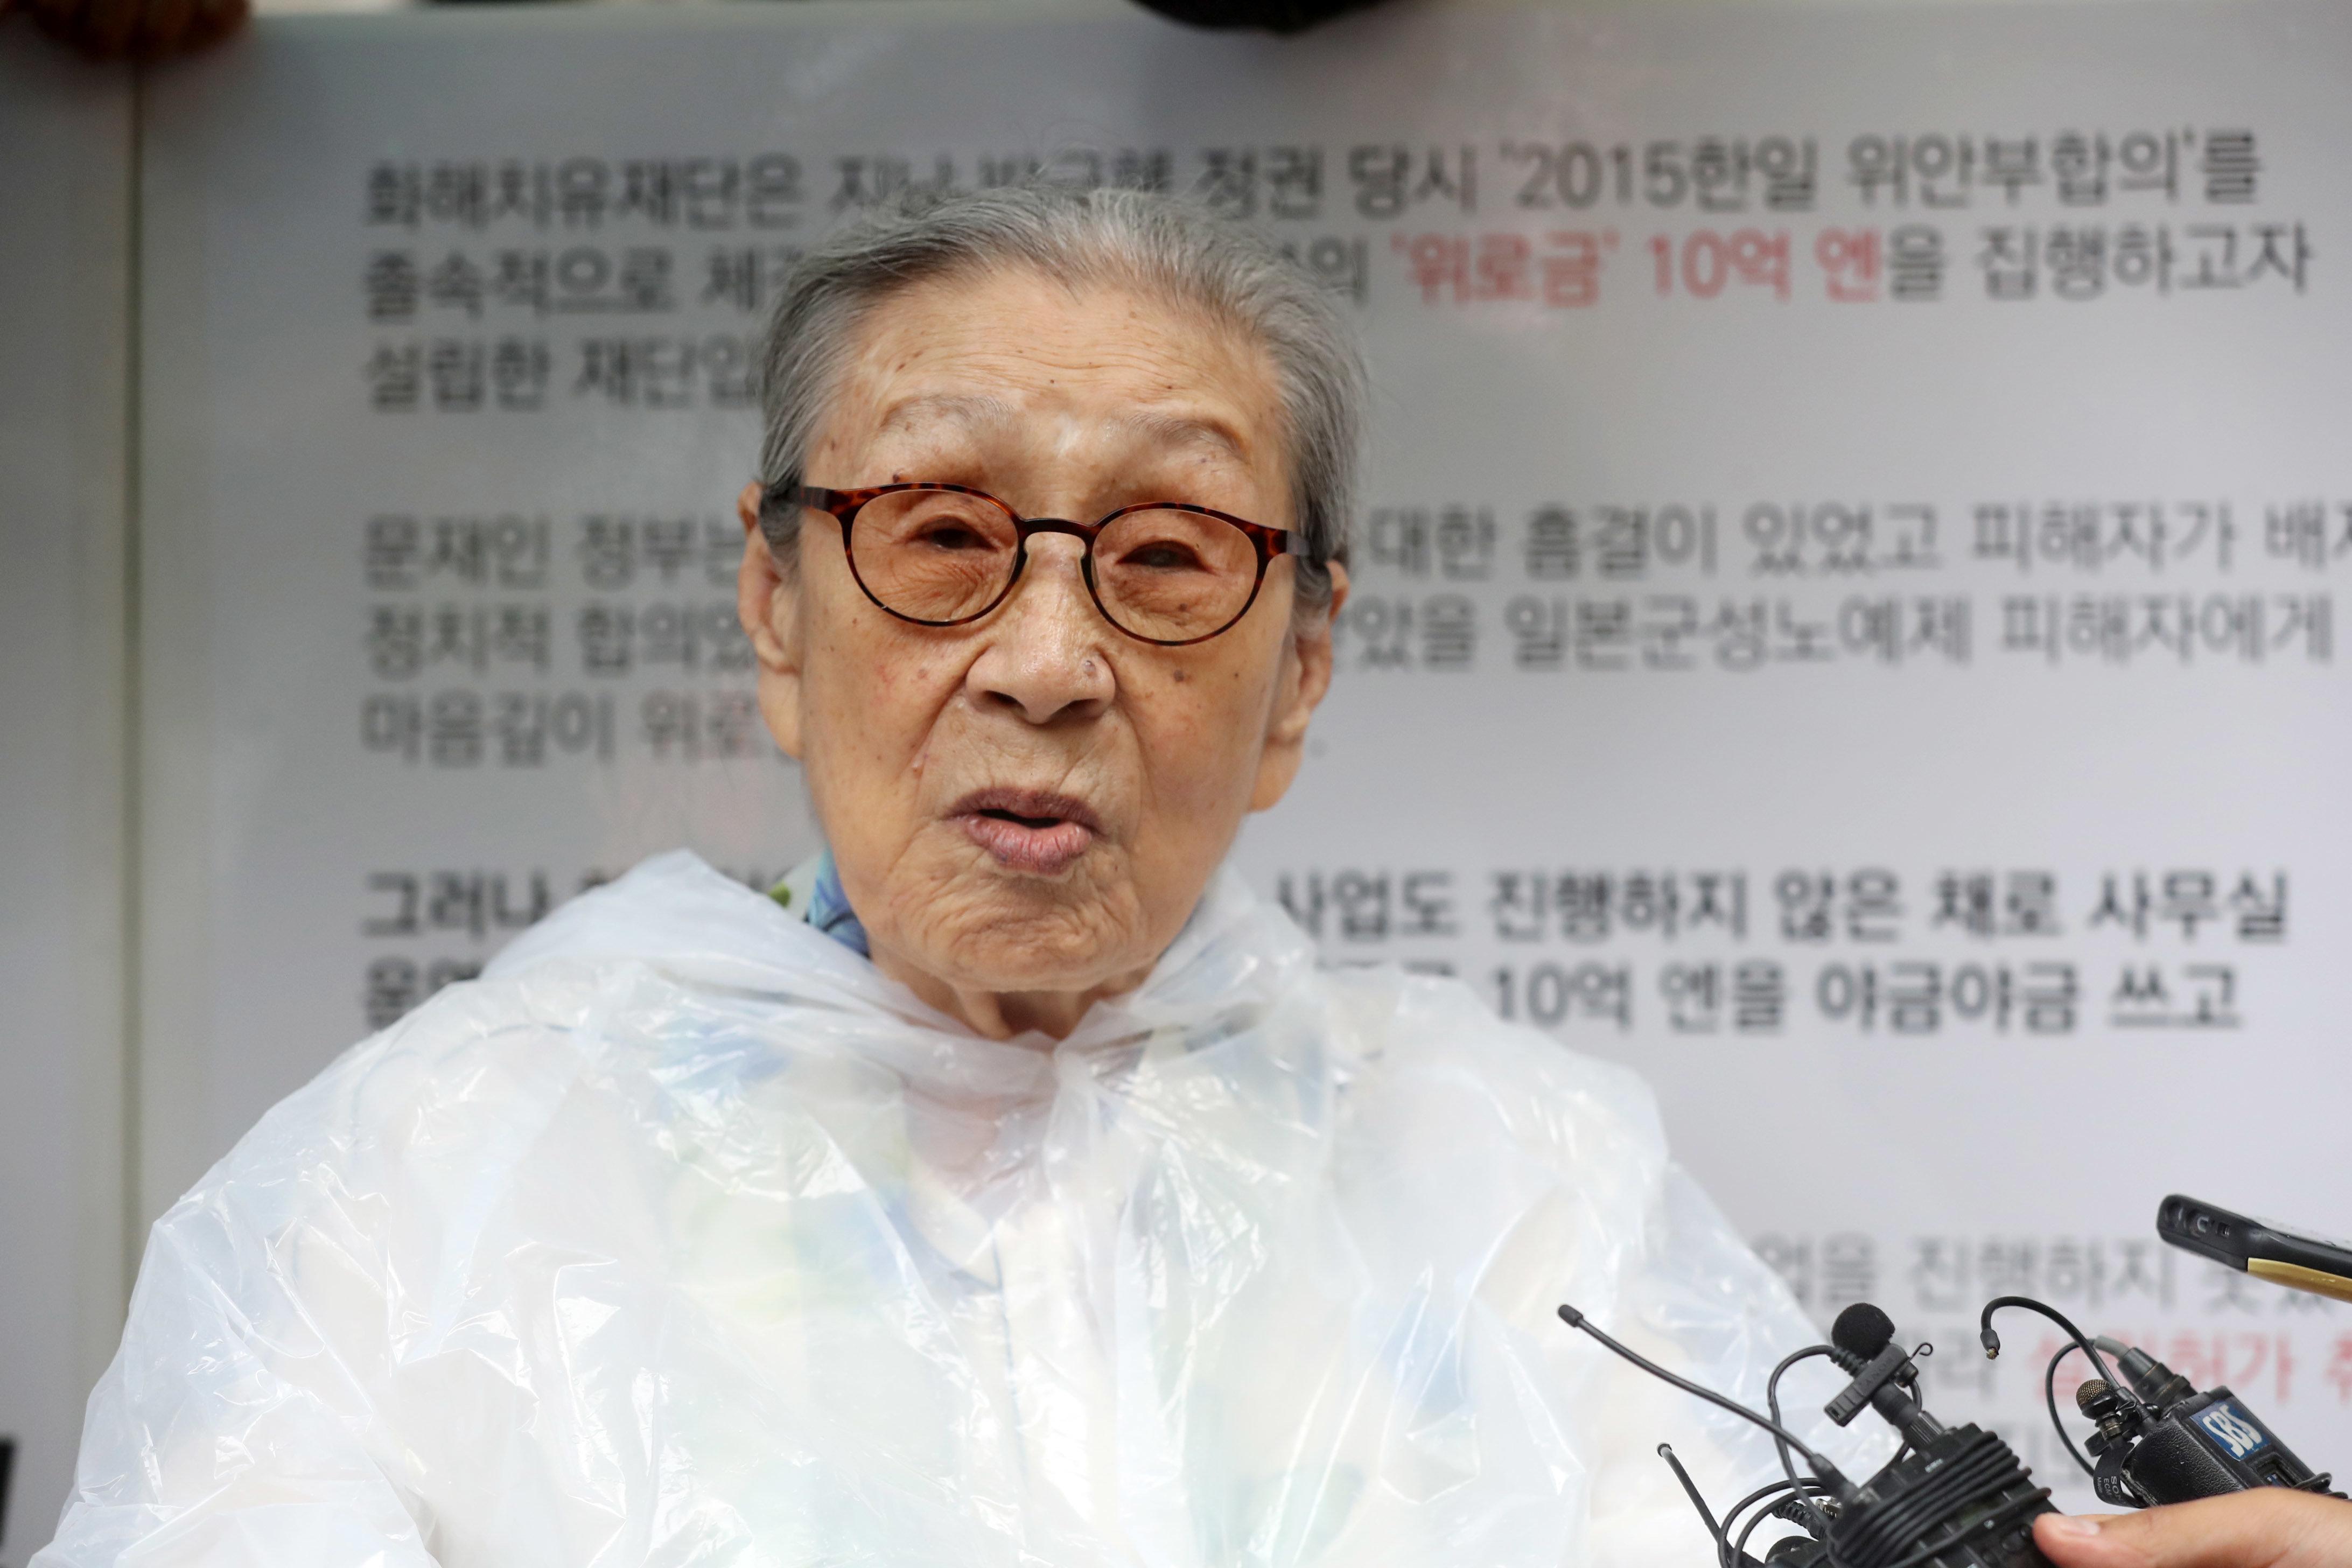 일본군 성노예 피해자의 상징으로 불리던 김복동 할머니가